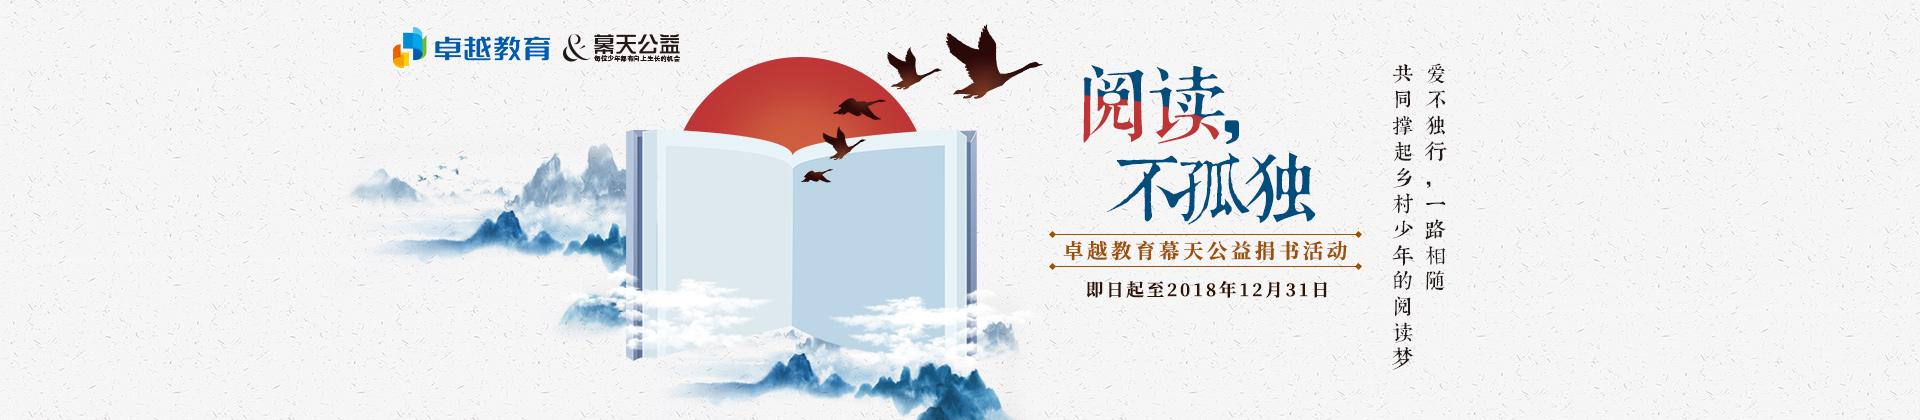 齐乐娱乐官方网站